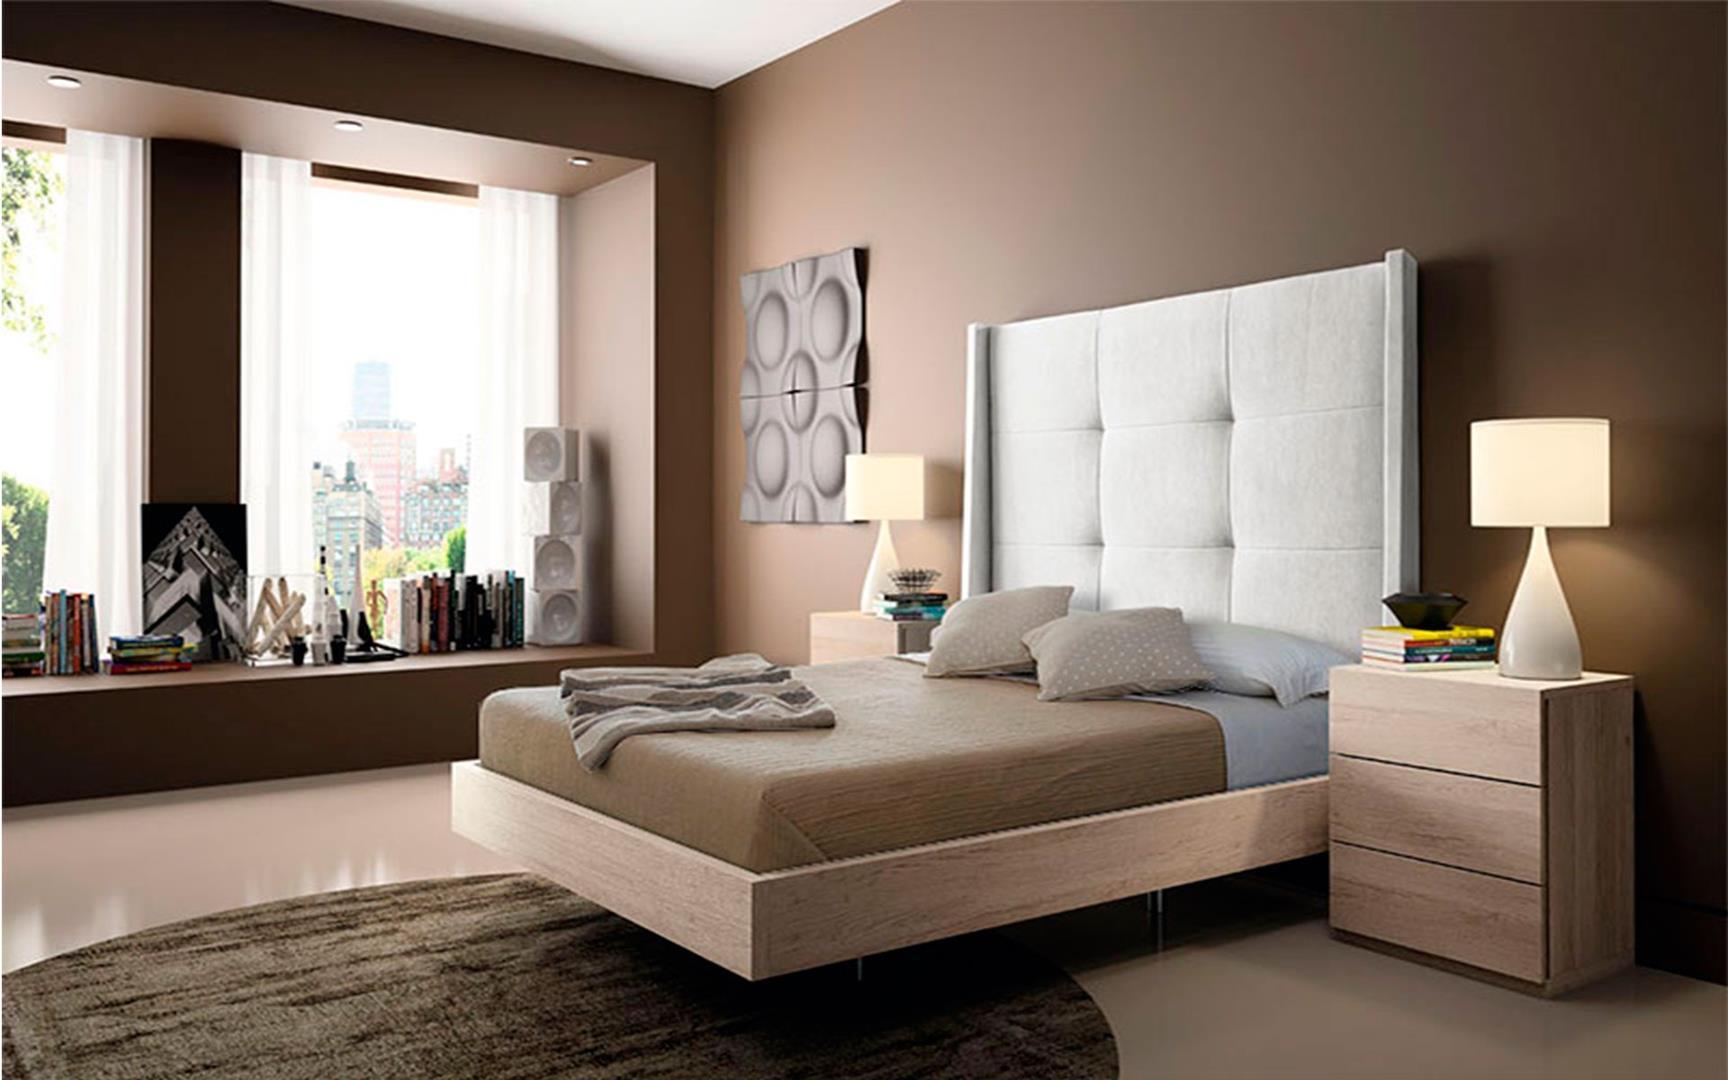 bedroom-2837439 (Copy)